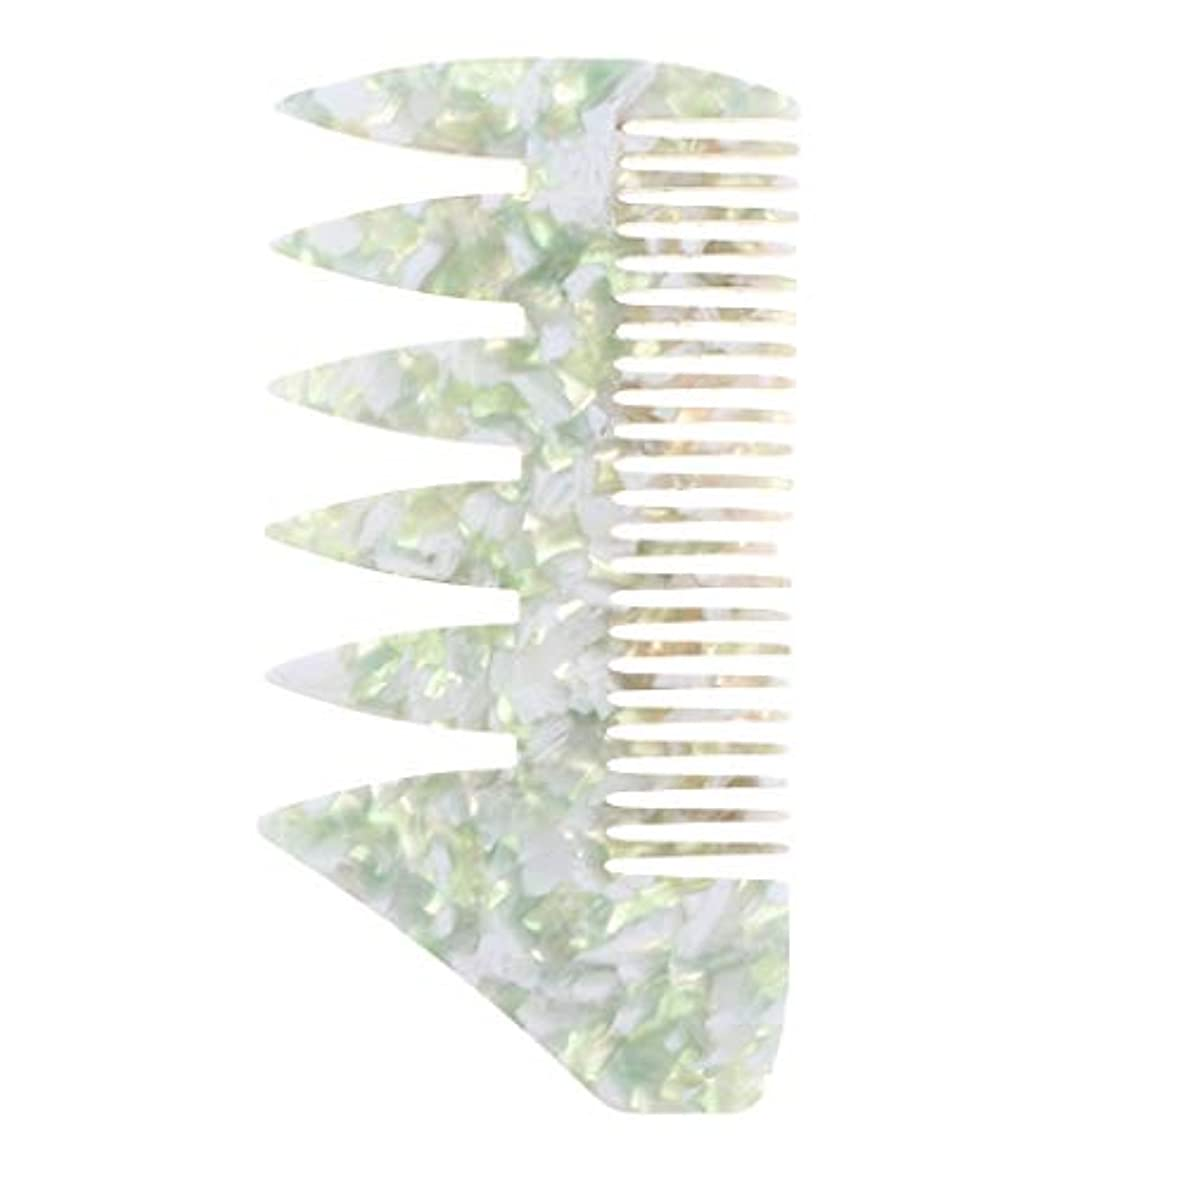 花教育学隠されたヘアコーム ヘアスタイリング櫛 男性 ヘアスタイリングコーム 全4色 - 緑